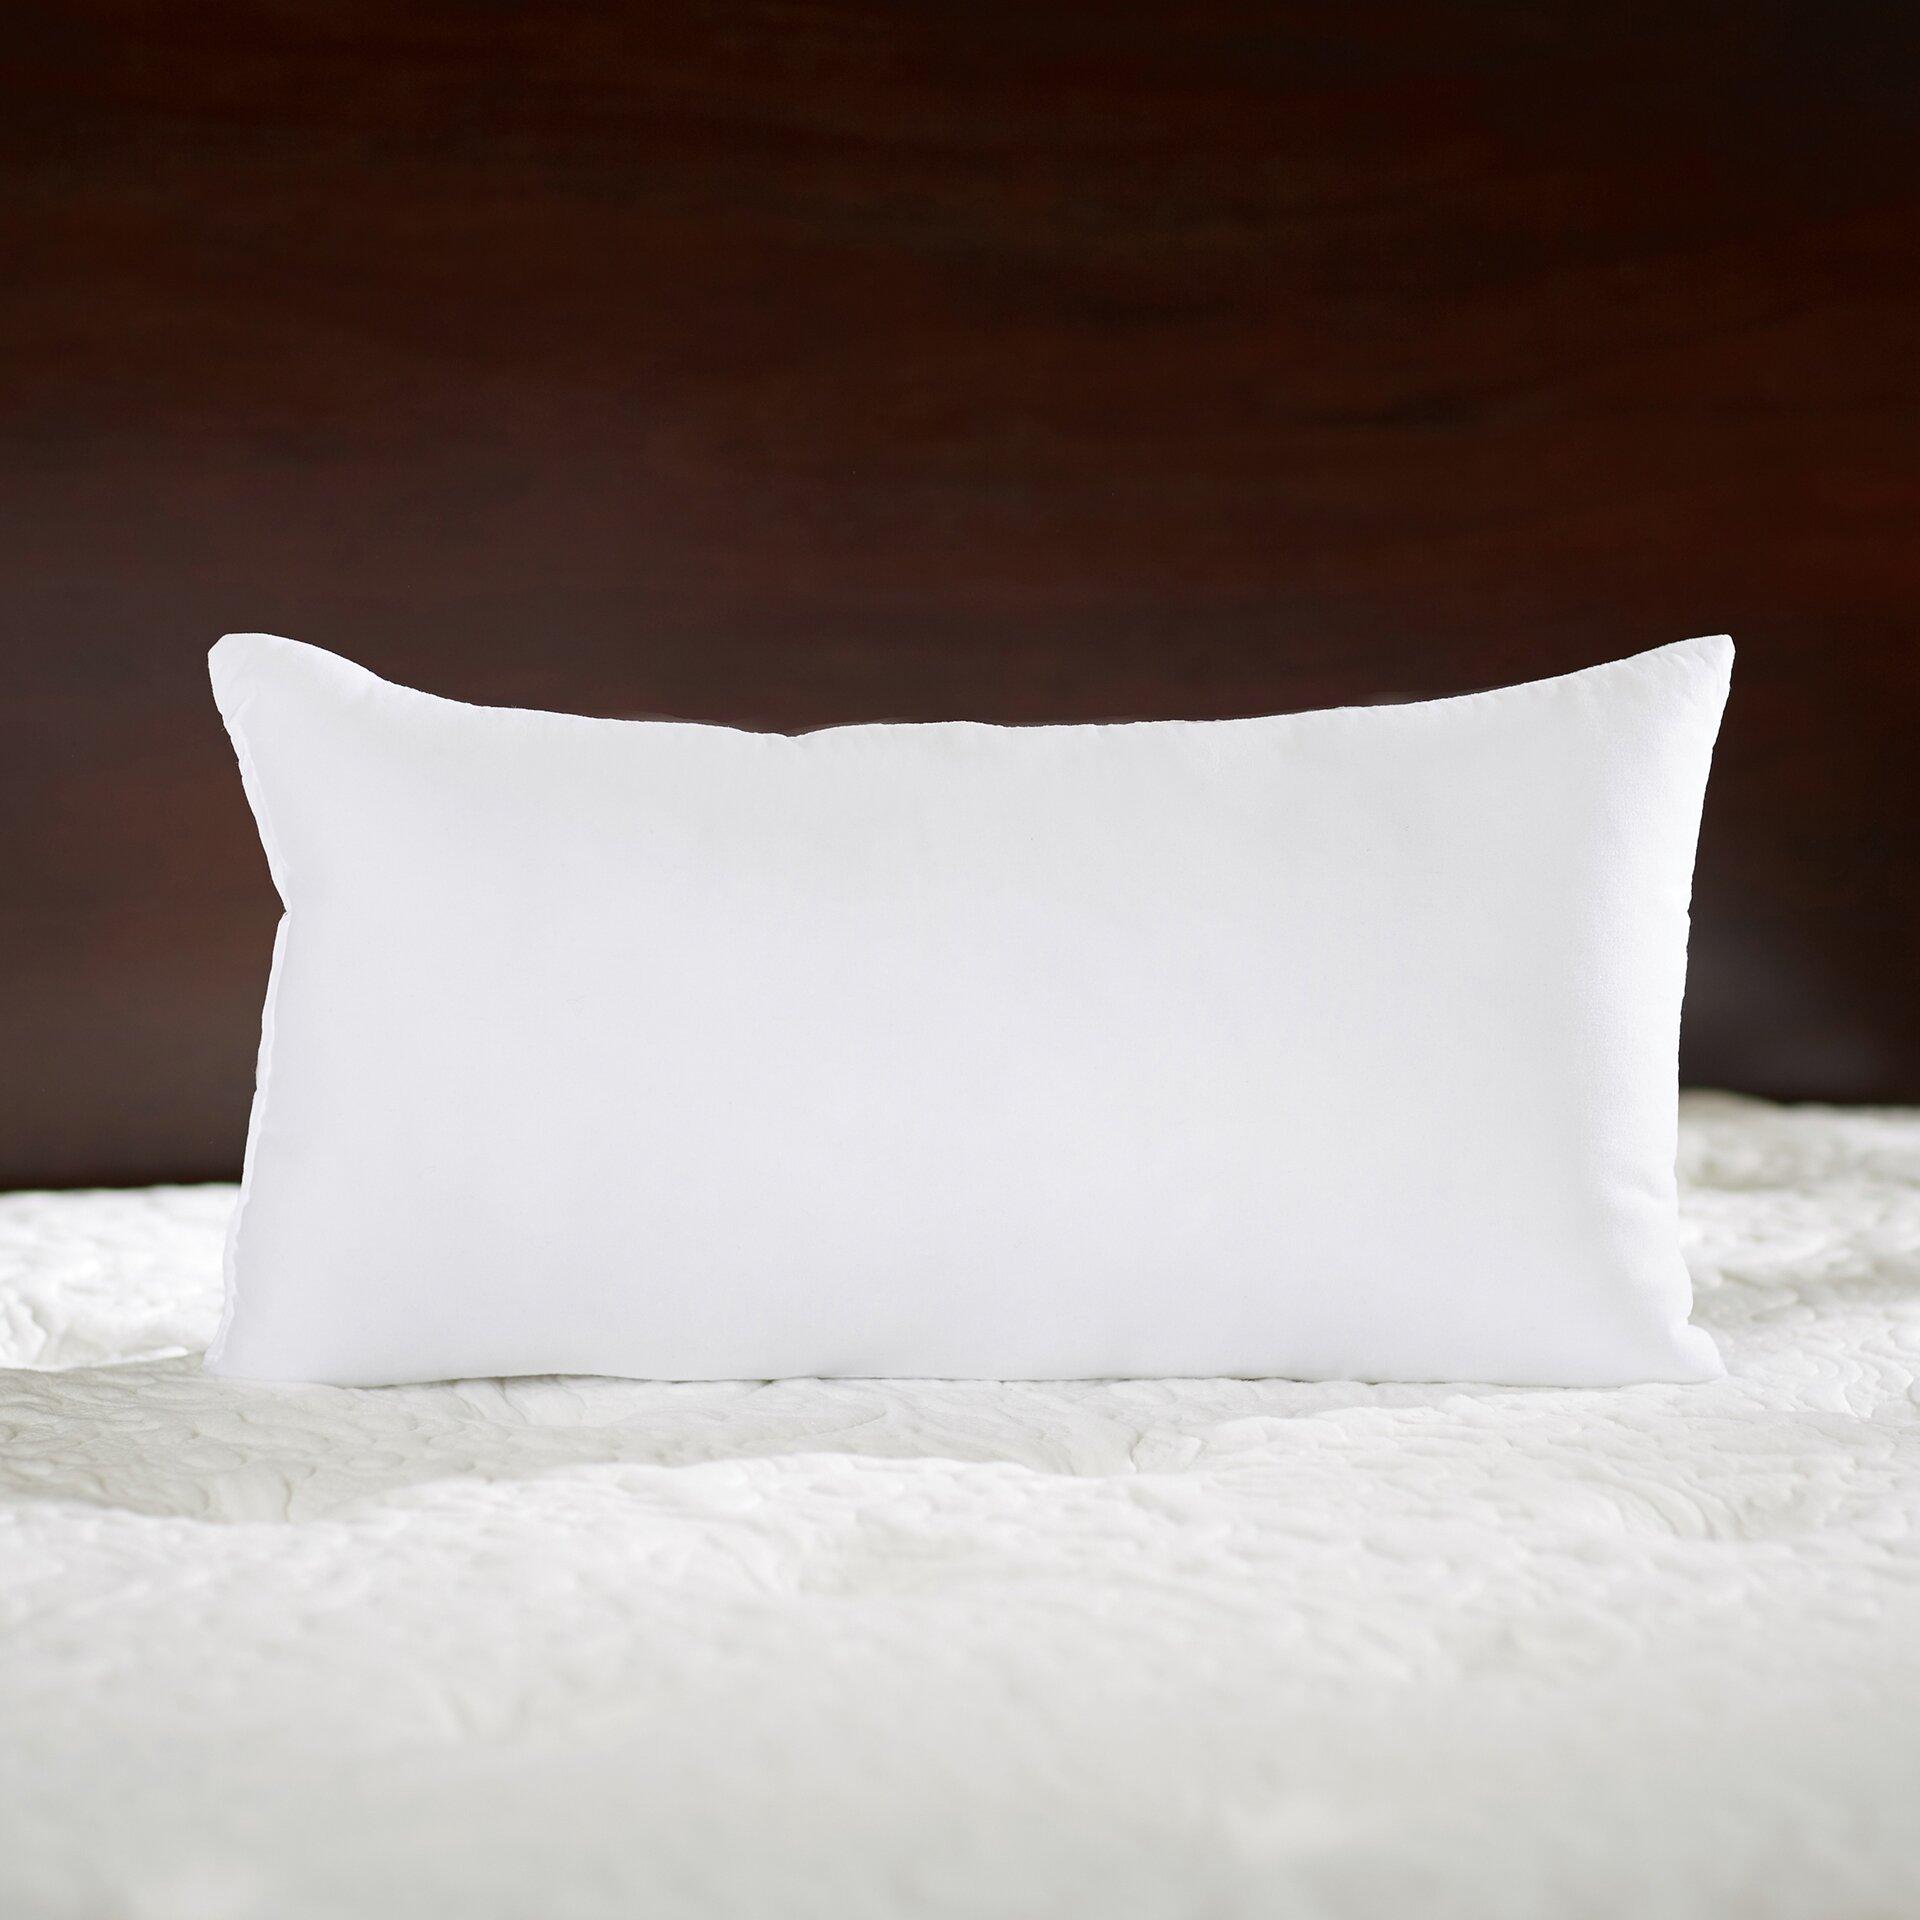 Wayfair Sofa Pillows: Wayfair Basics™ Wayfair Basics Throw Pillow Insert